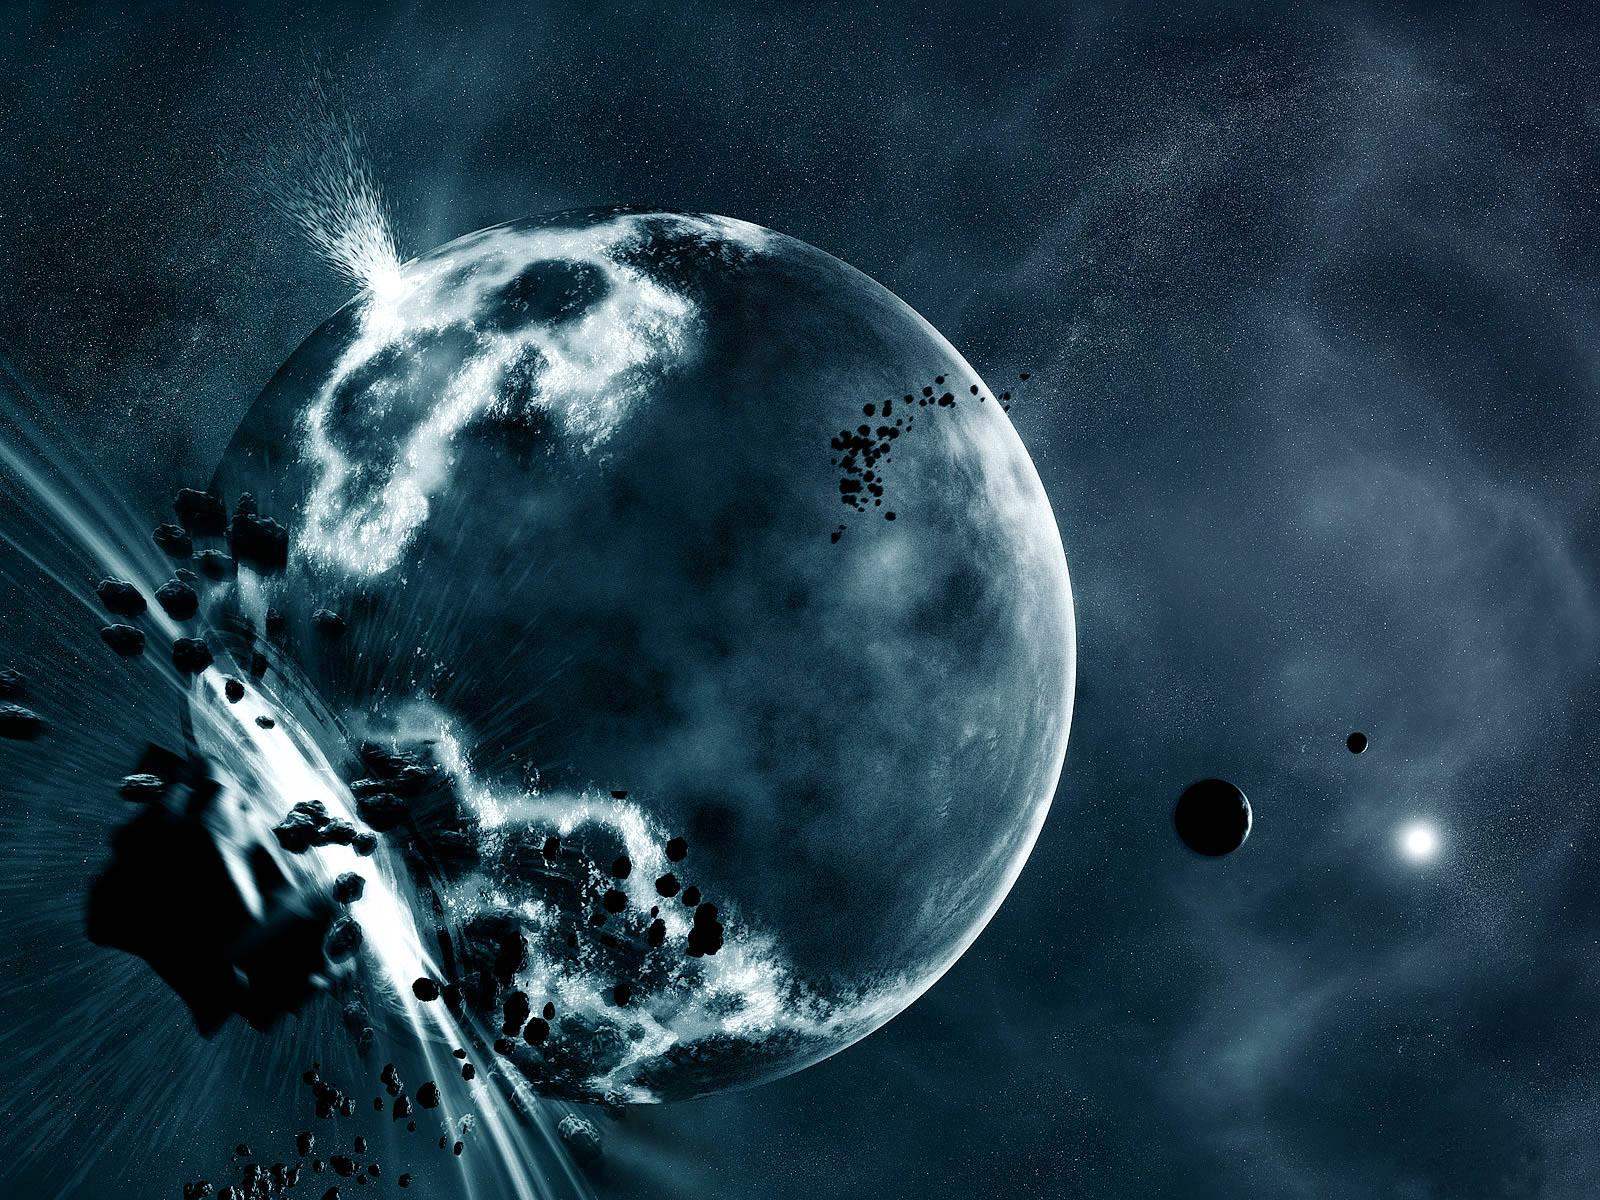 http://4.bp.blogspot.com/-cwMndSbIups/TkWv2qc6WgI/AAAAAAAAALI/rhXx8AgZ1nA/s1600/space-art-wallpaper.jpg